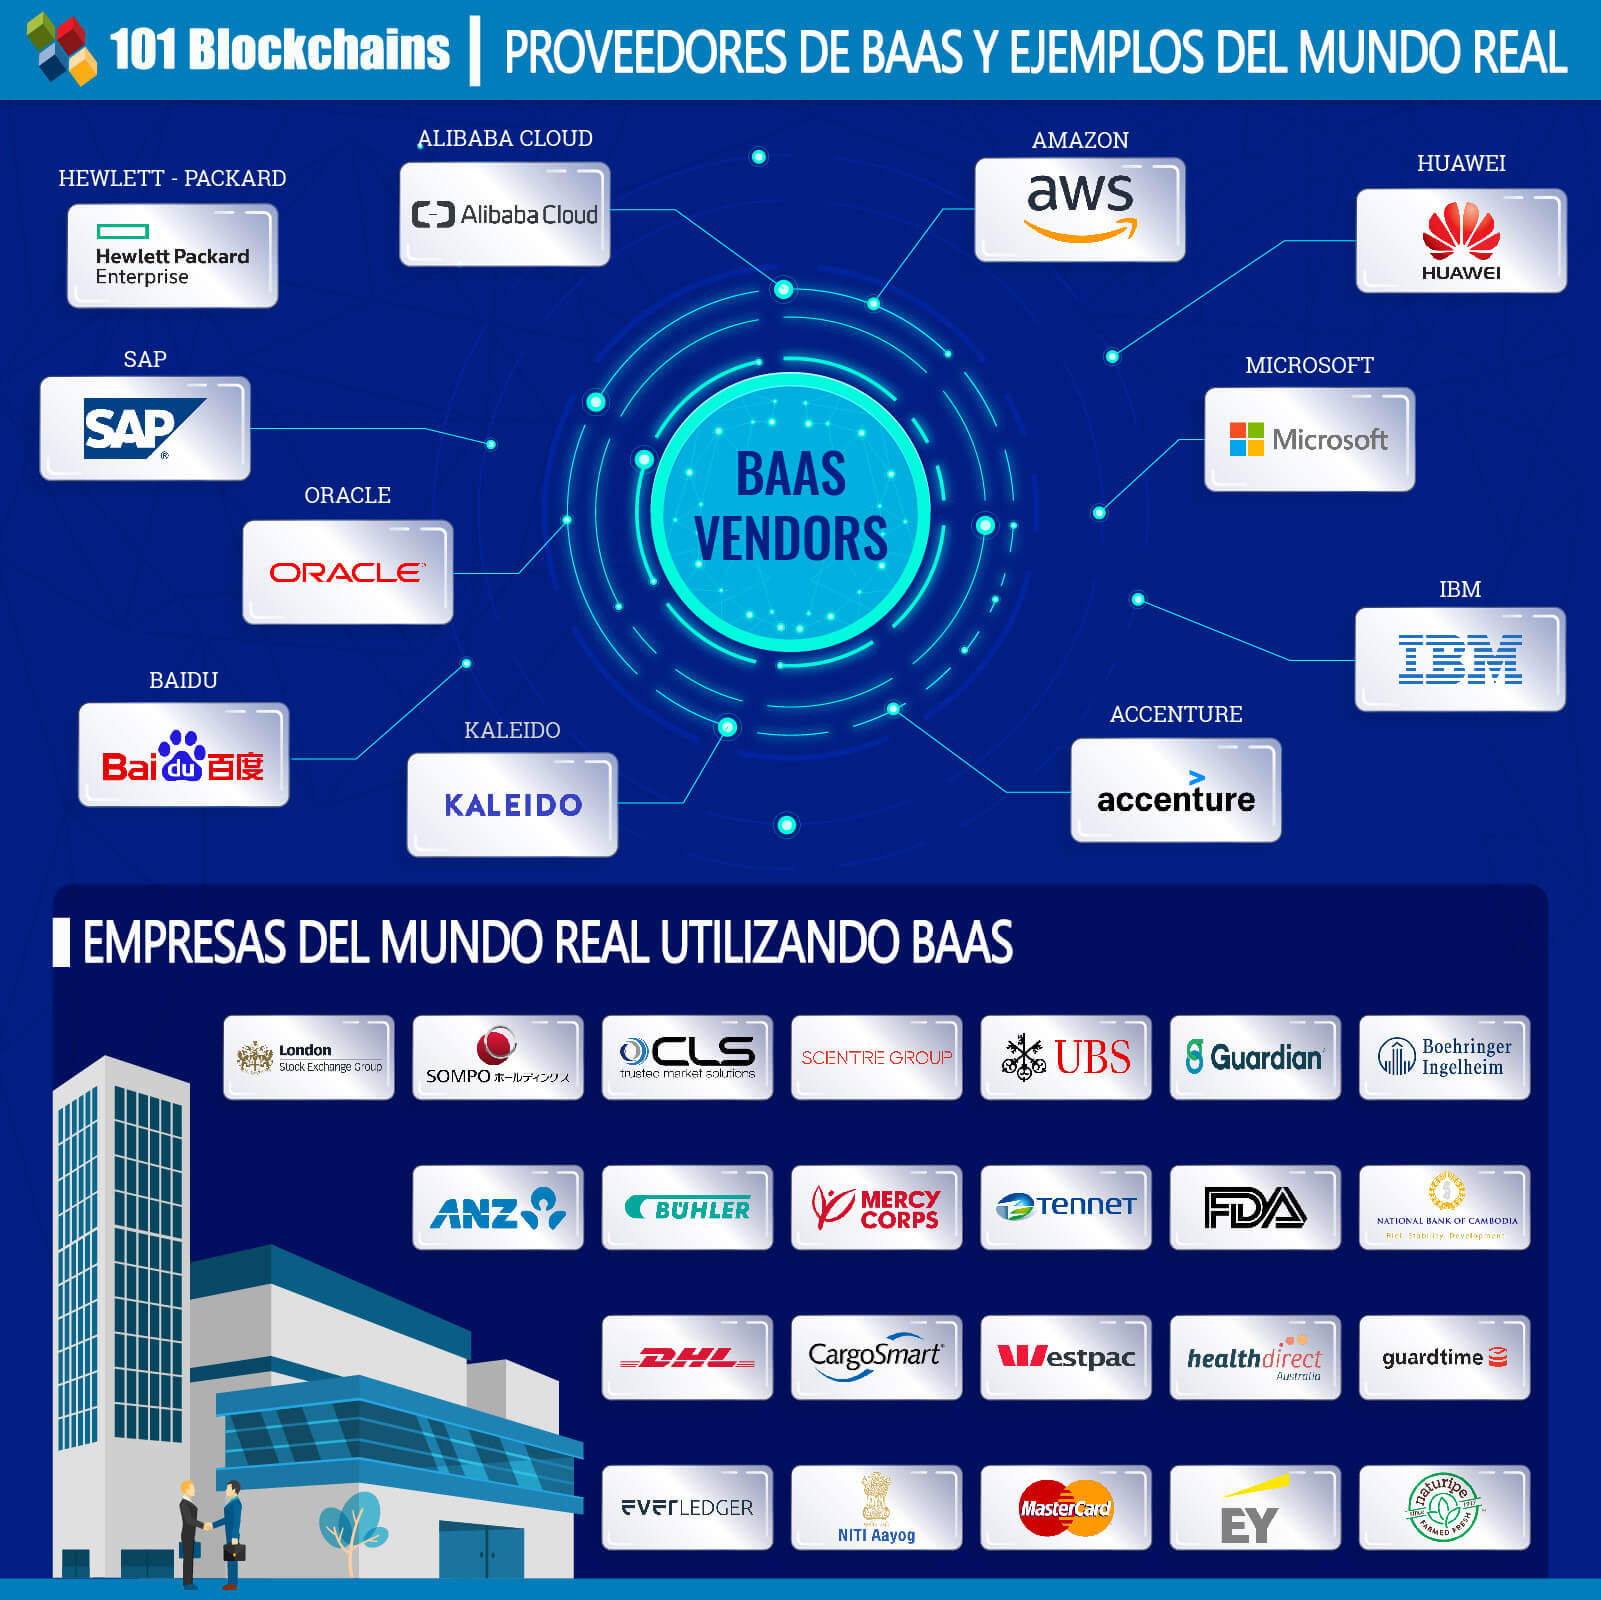 PROVEEDORES DE BLOCKCHAIN COMO SERVICIO BAAS Y EJEMPLOS DEL MUNDO REAL